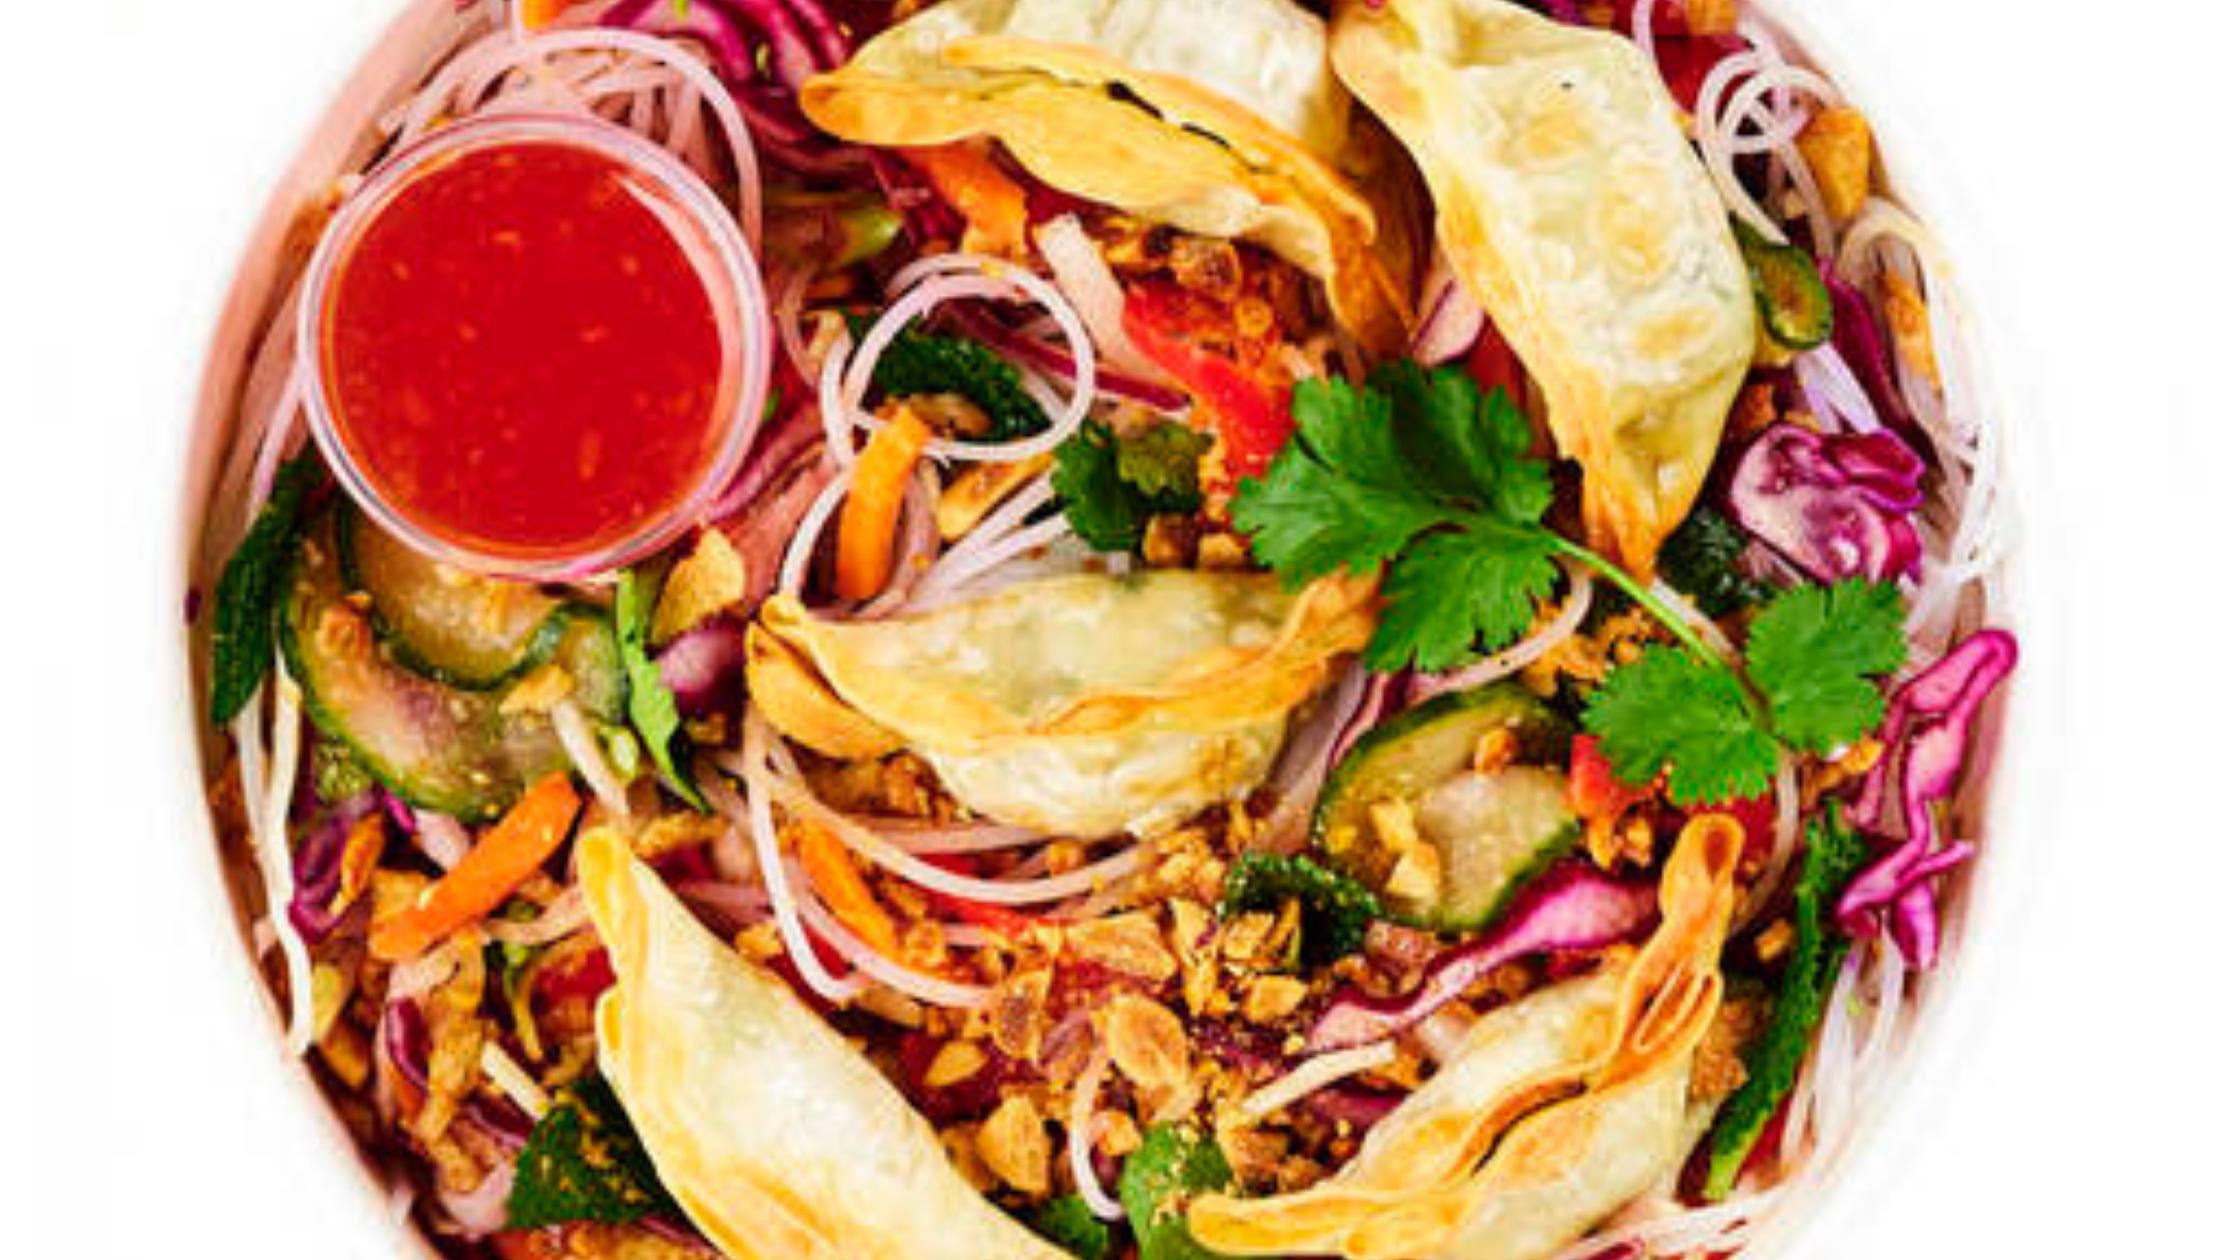 HOP Vietnamese's Veg dumpling noodle salad